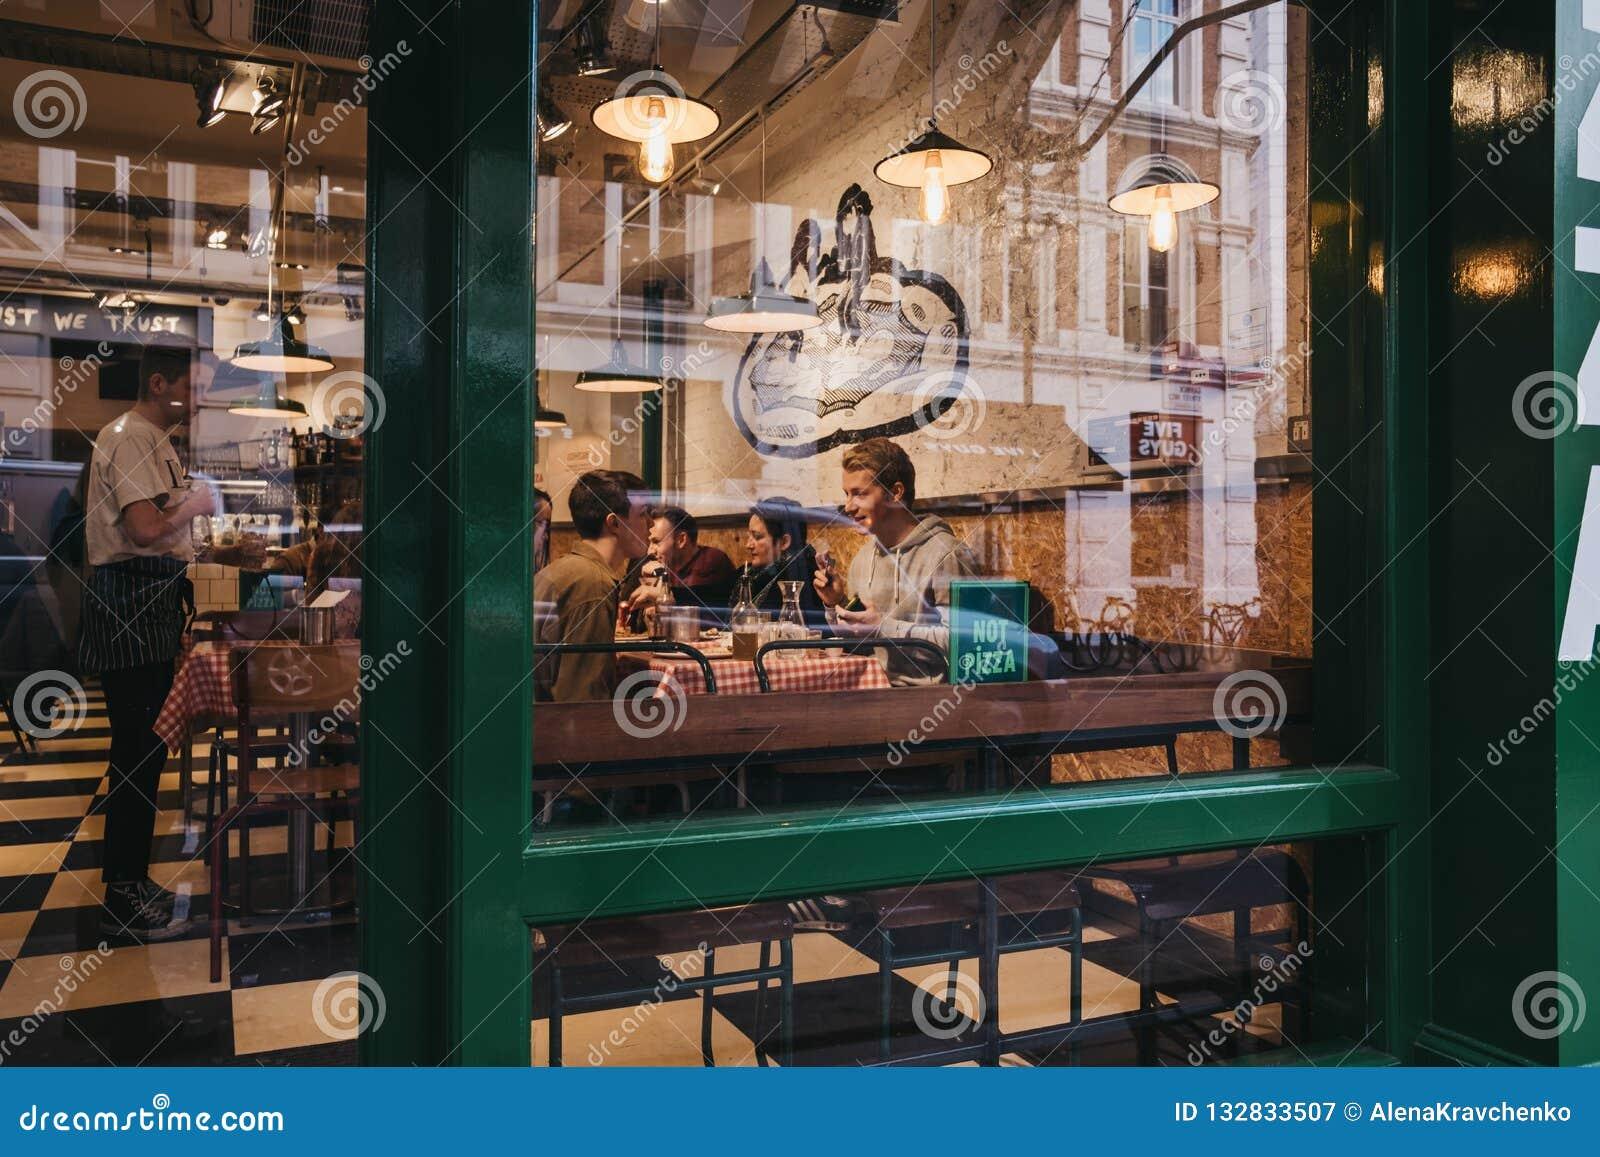 Άποψη μέσω του παραθύρου των ανθρώπων μέσα σε ένα εστιατόριο στον κήπο Covent, Λονδίνο, UK